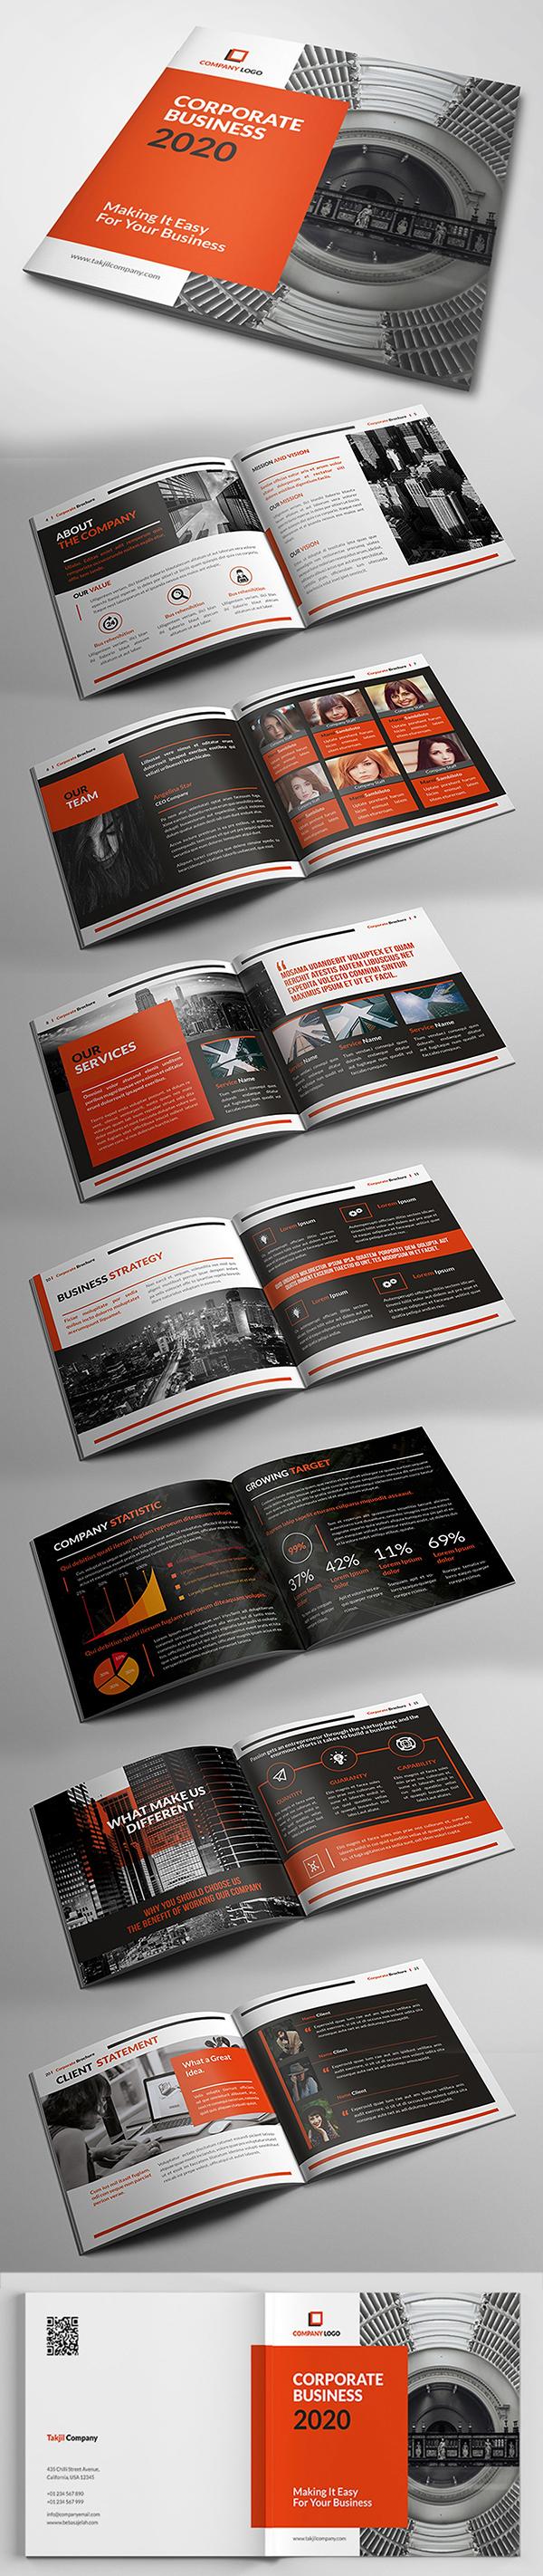 Pakumantan - A Corporate Brochure